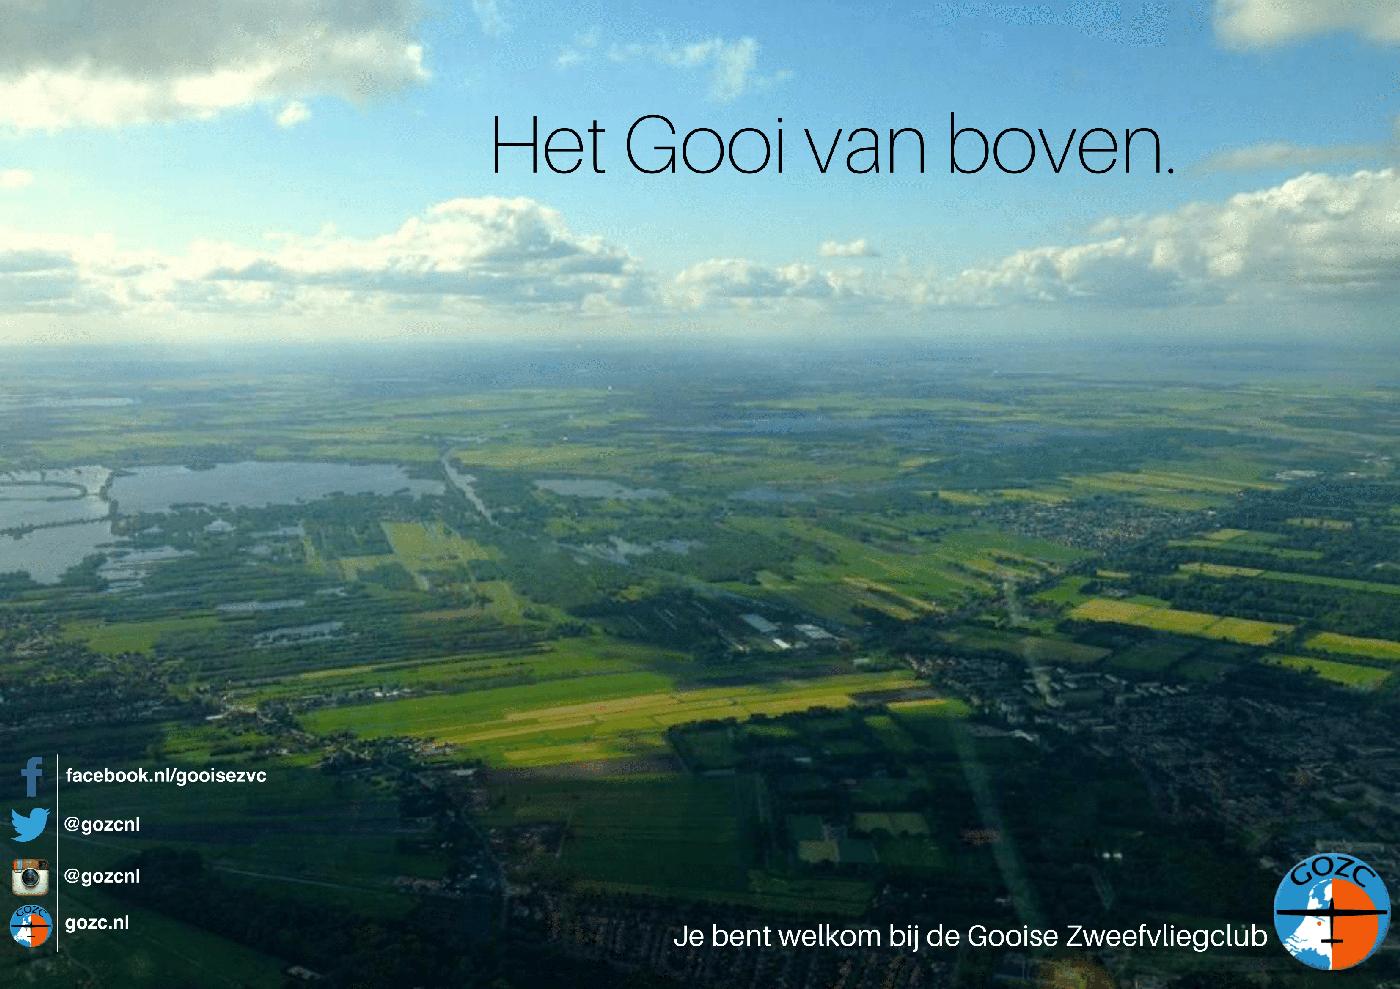 Het_gooi_van_boven.png